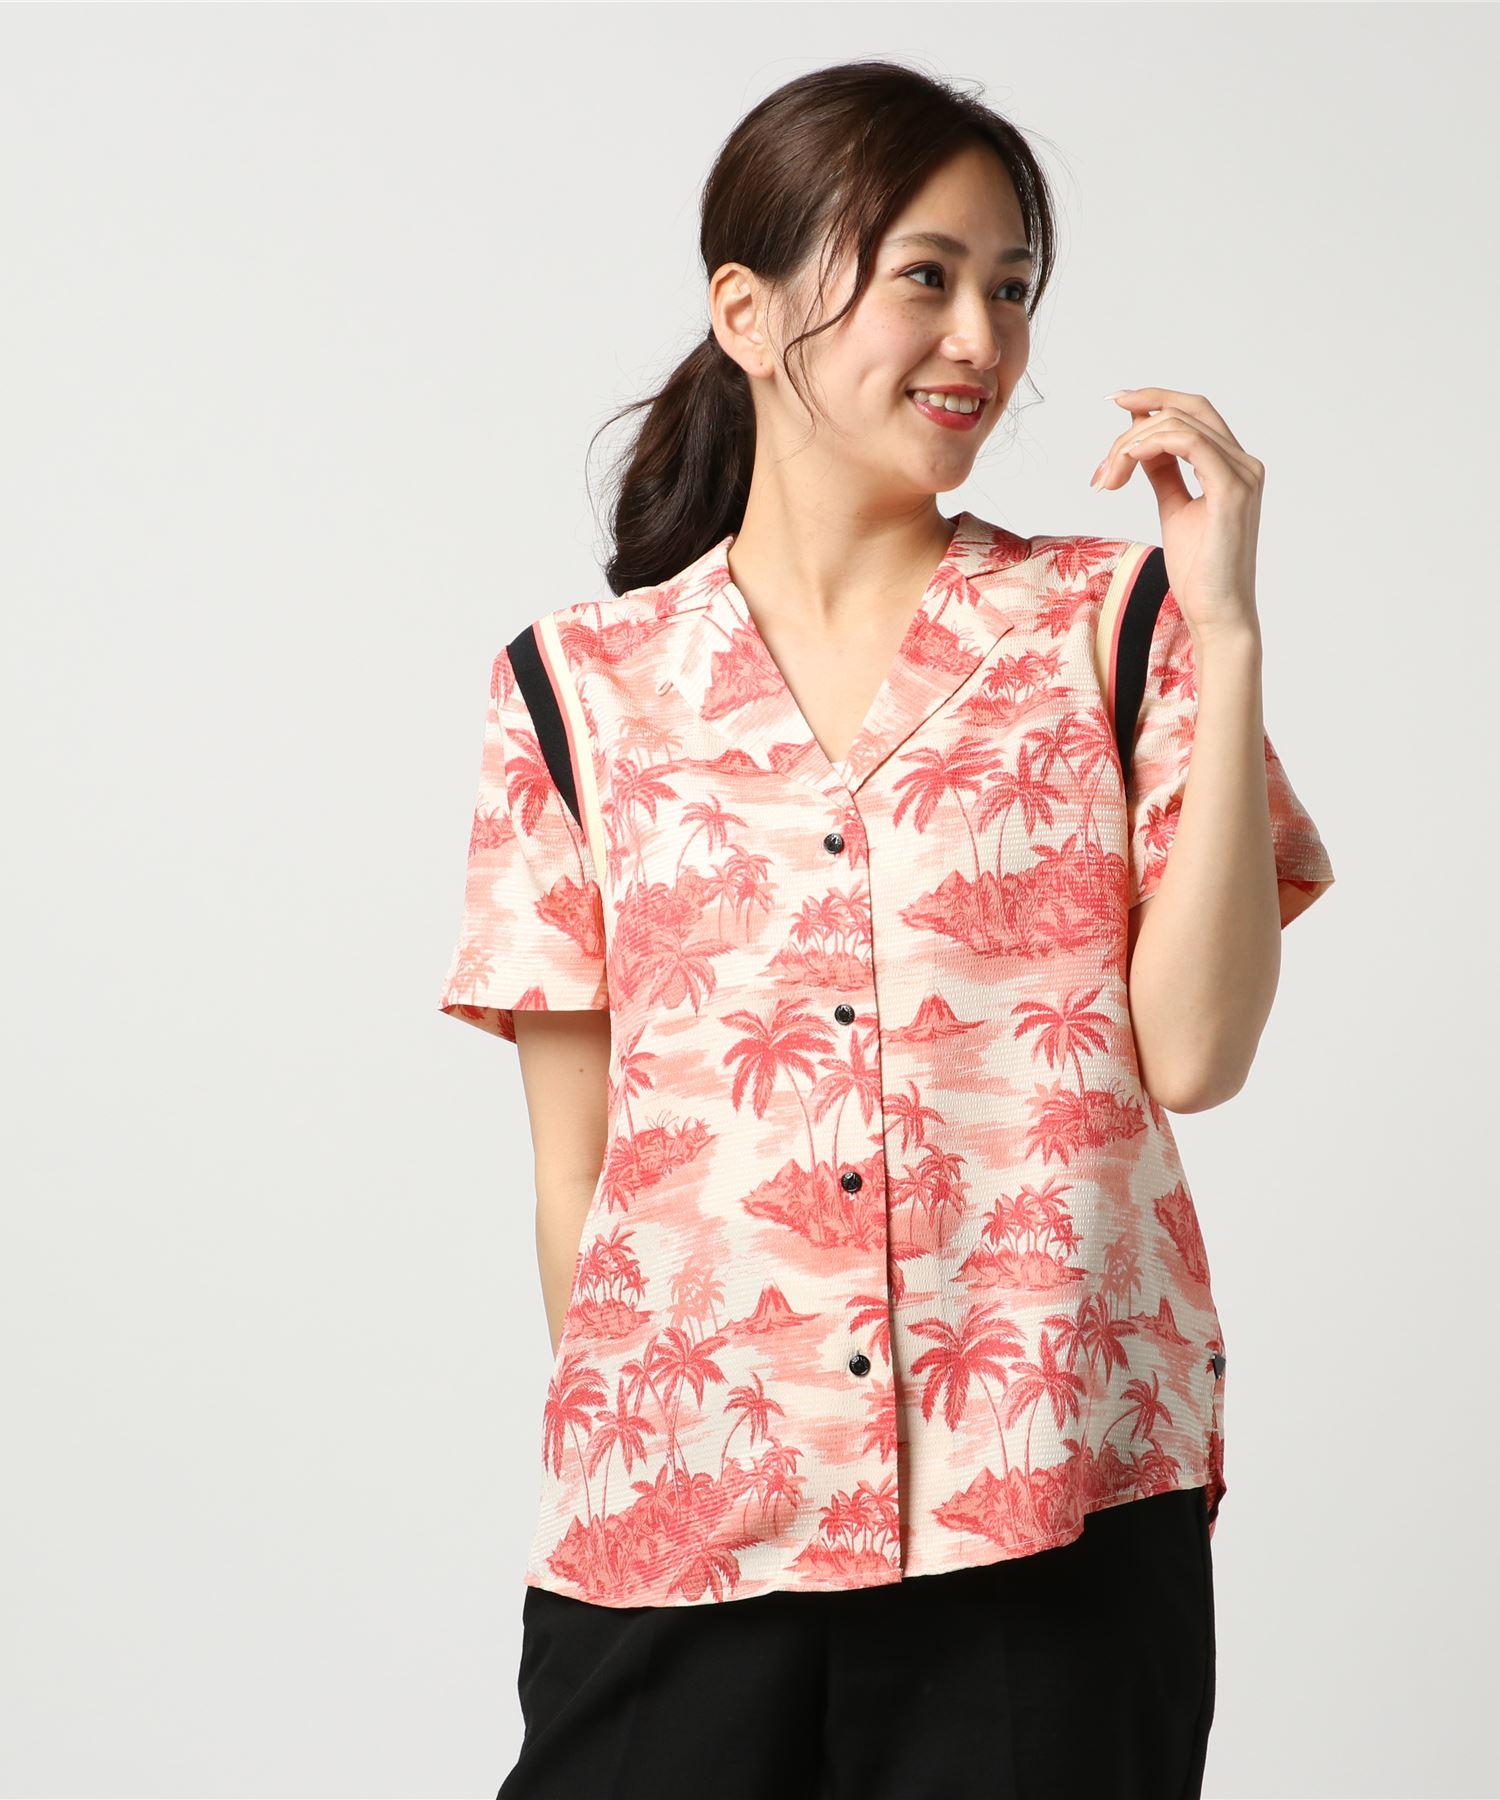 SCOTCH & SODA スコッチアンドソーダ / オープンカラープリントアロハシャツ